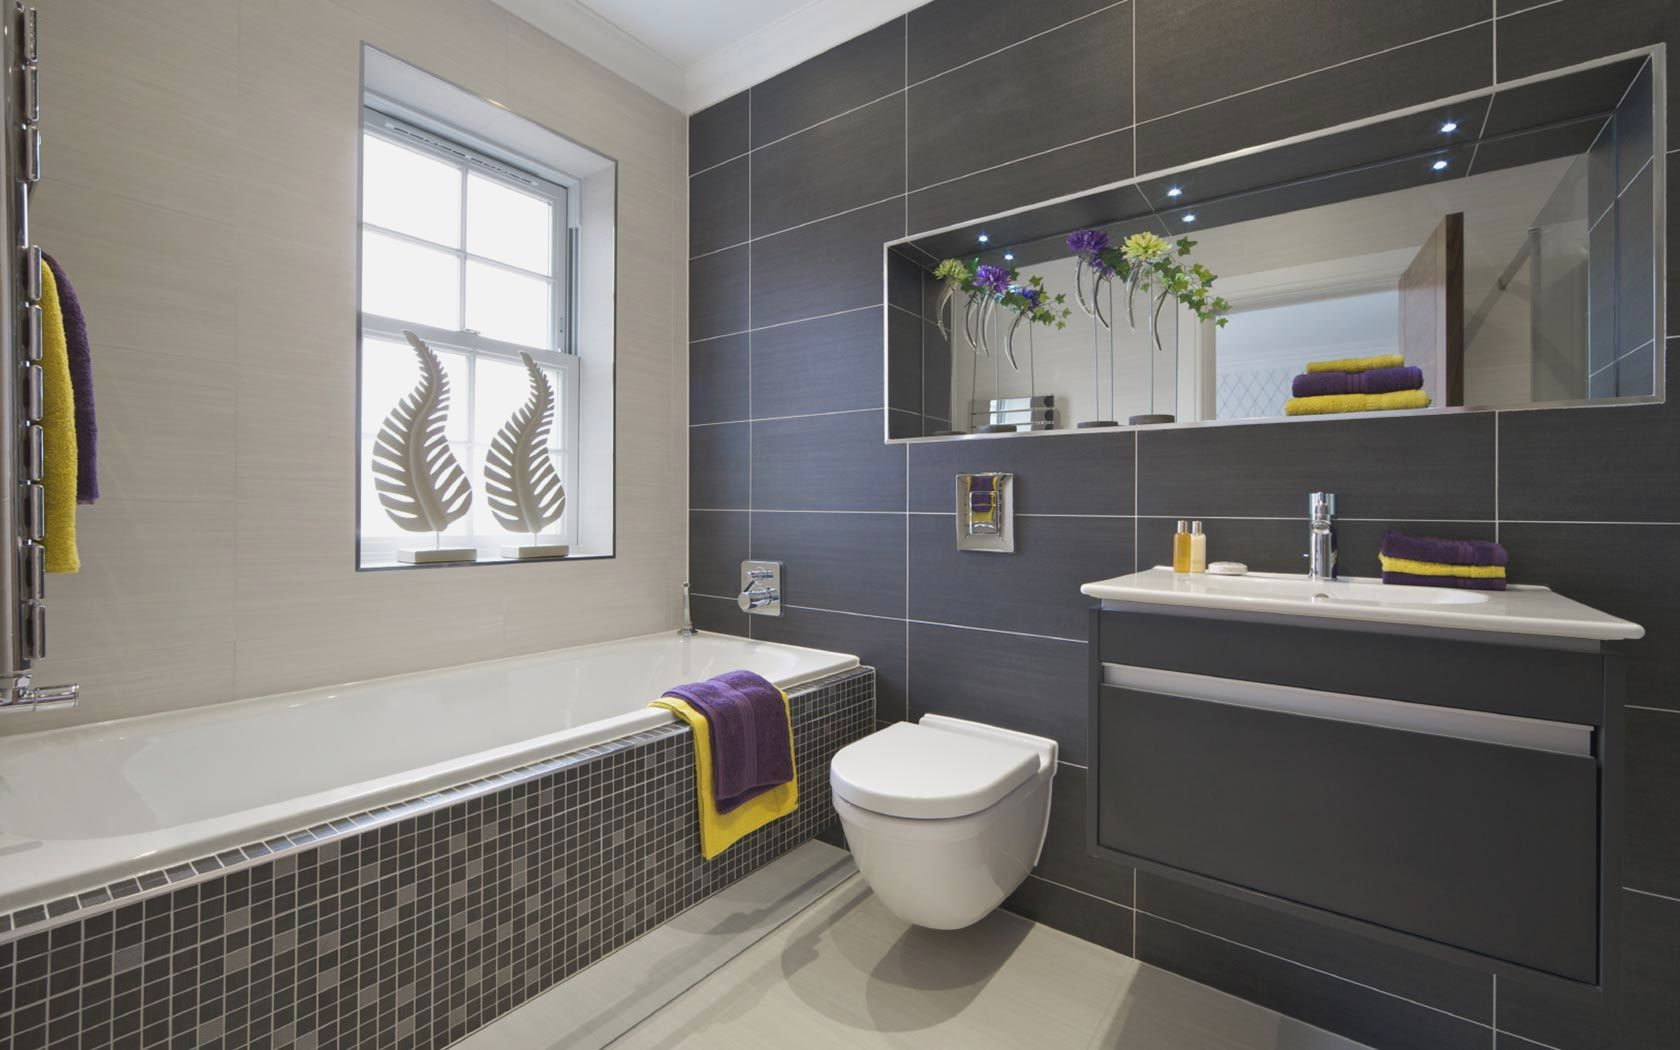 Идея для маленькой ванной комнаты - минимализм в оформлении